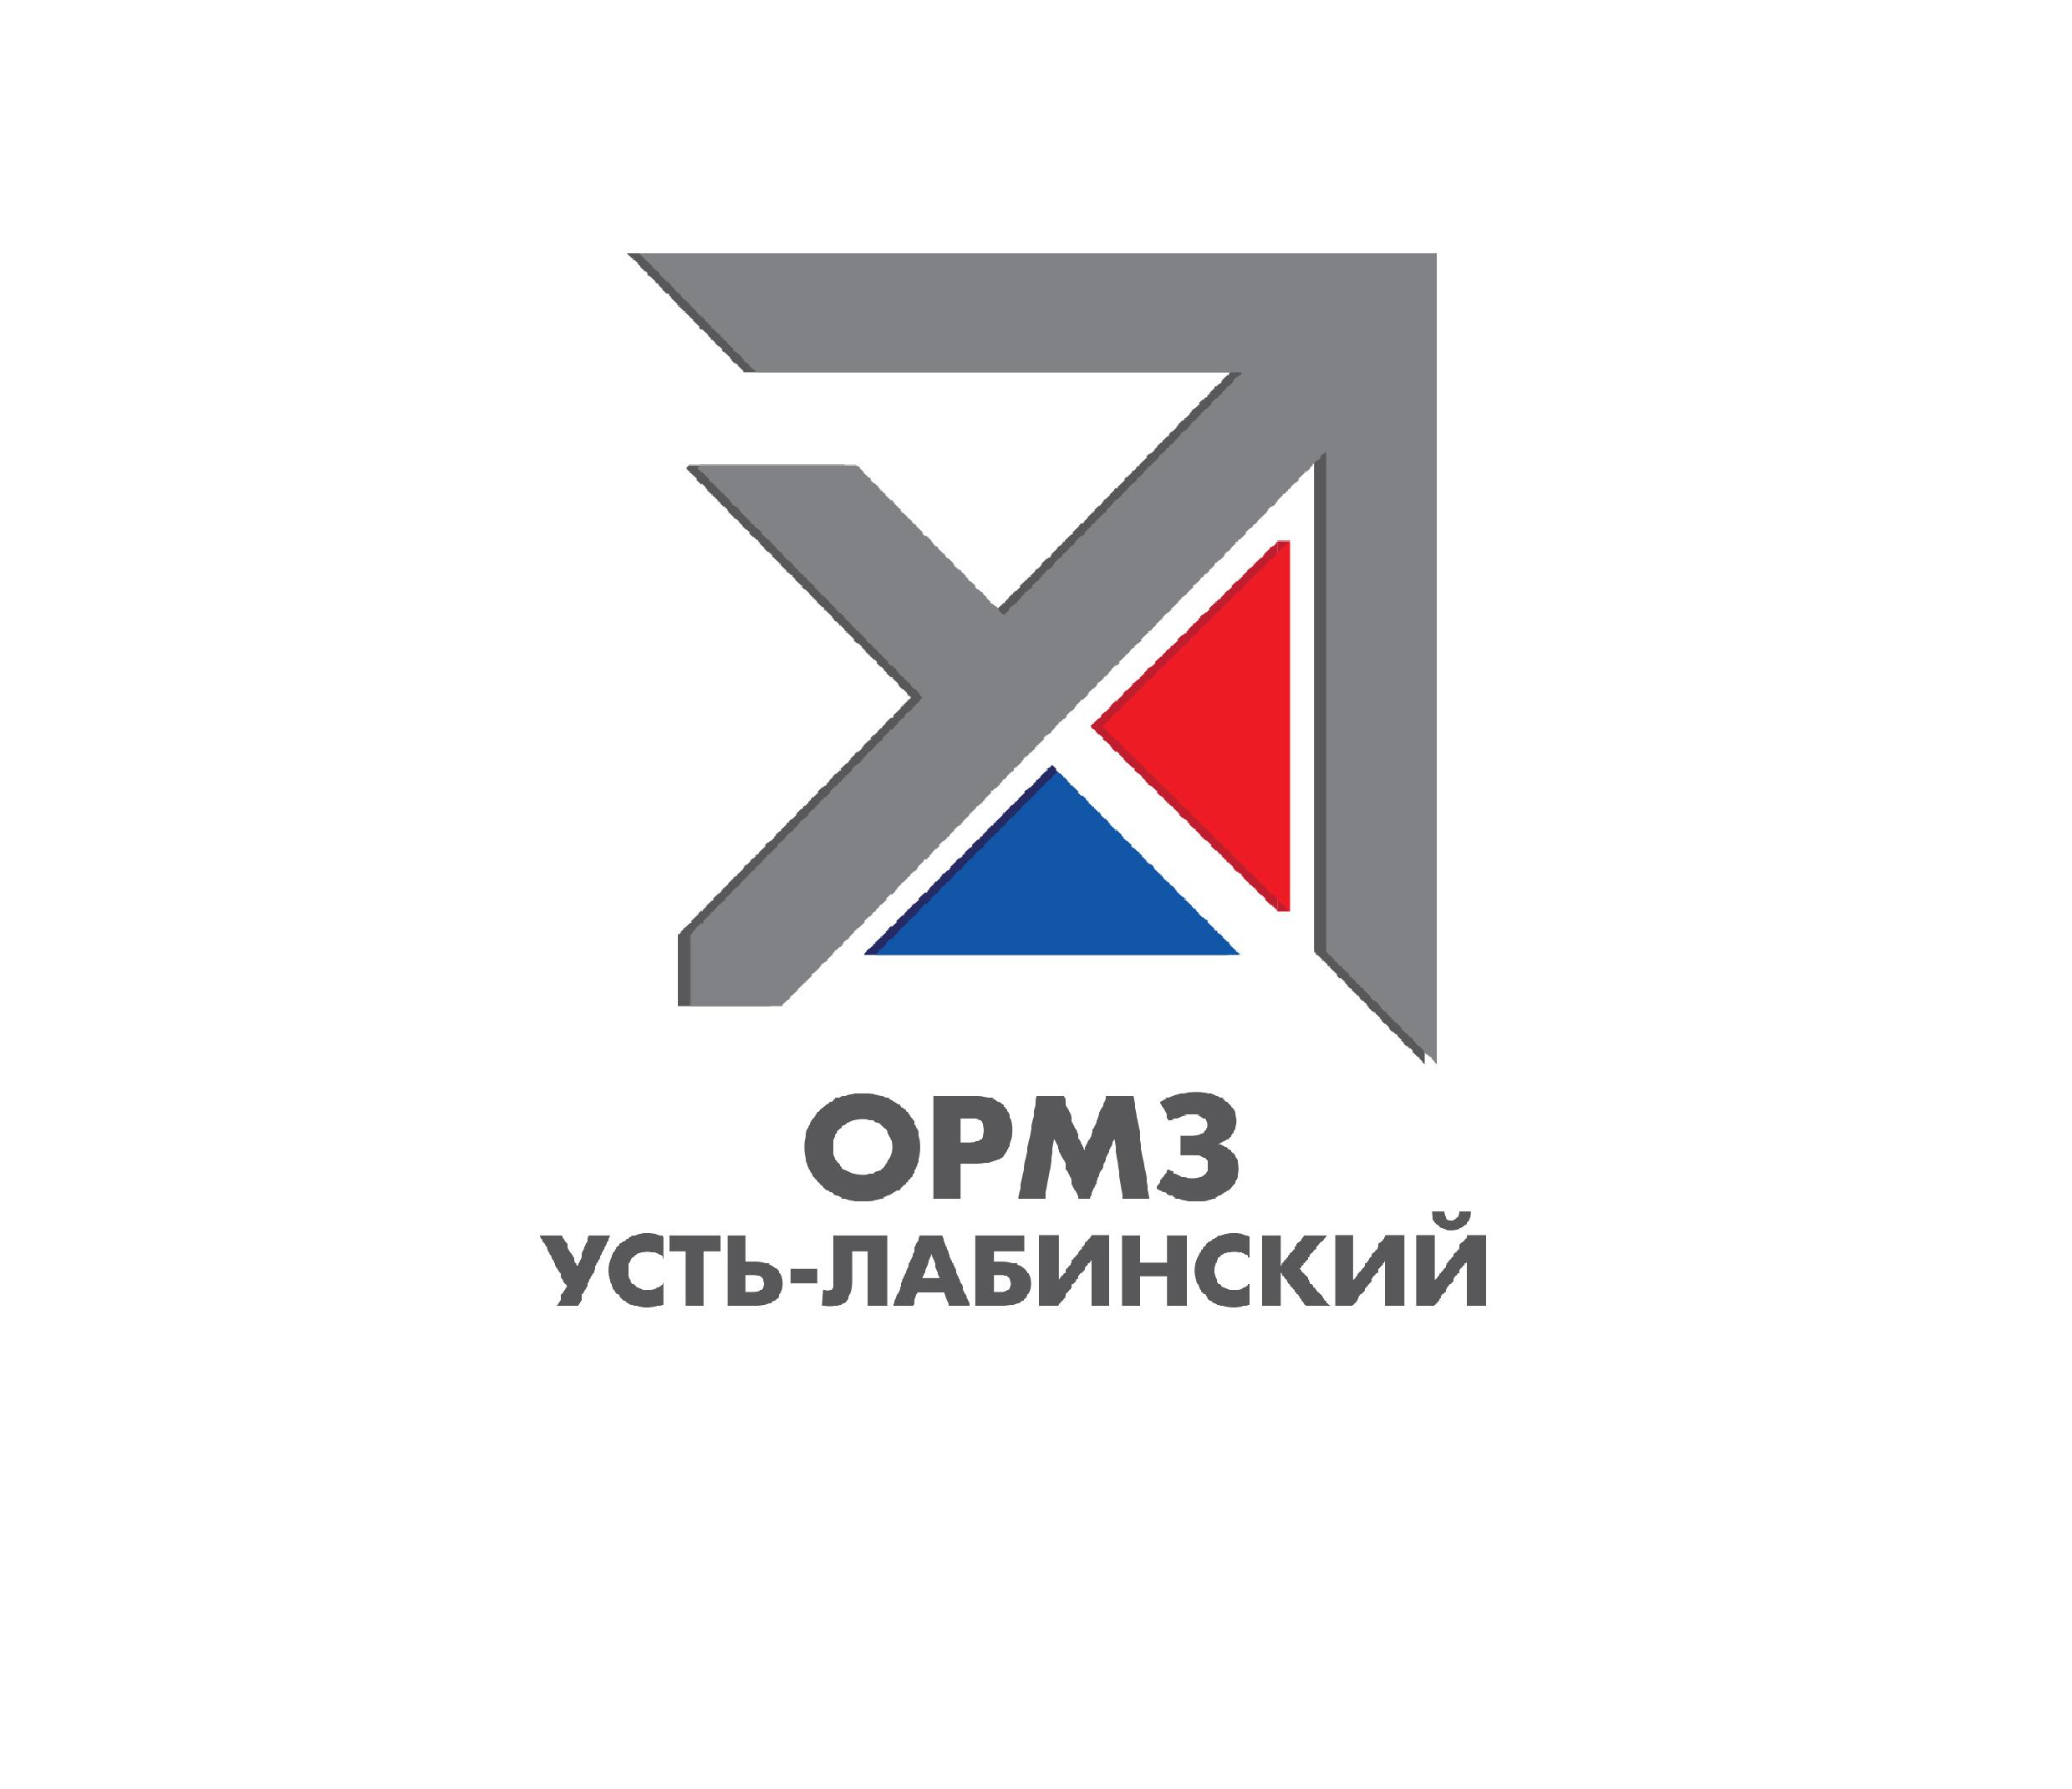 Общество с ограниченной ответственностью «Опытный ремонтно-механический завод «Усть-Лабинский», ИНН 2356049387